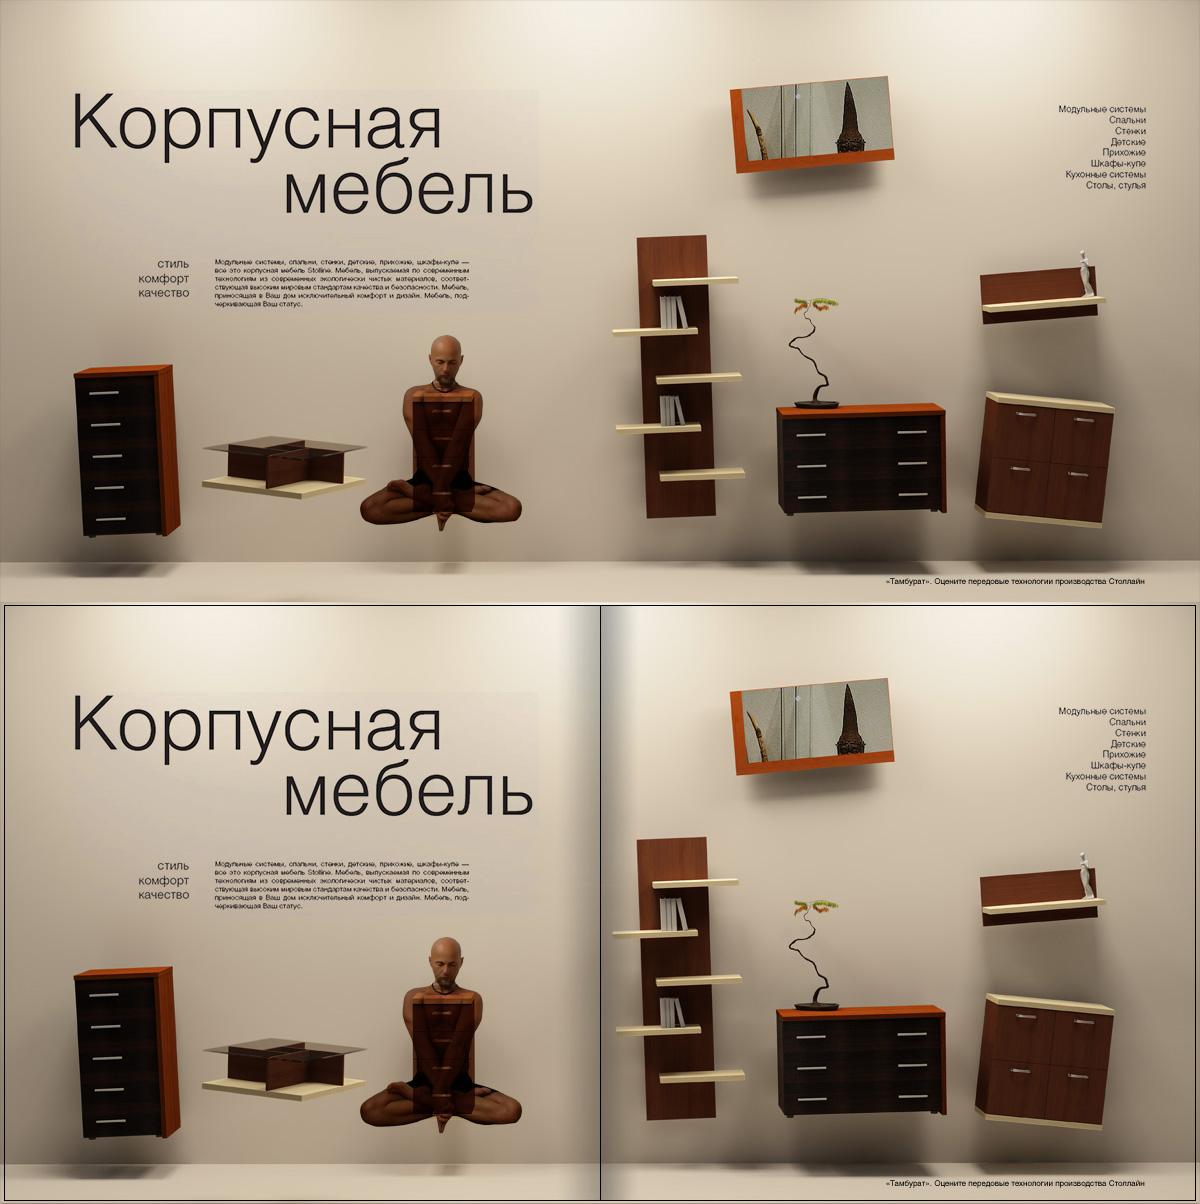 мой фотографии рекламы по мебели его творческой копилке